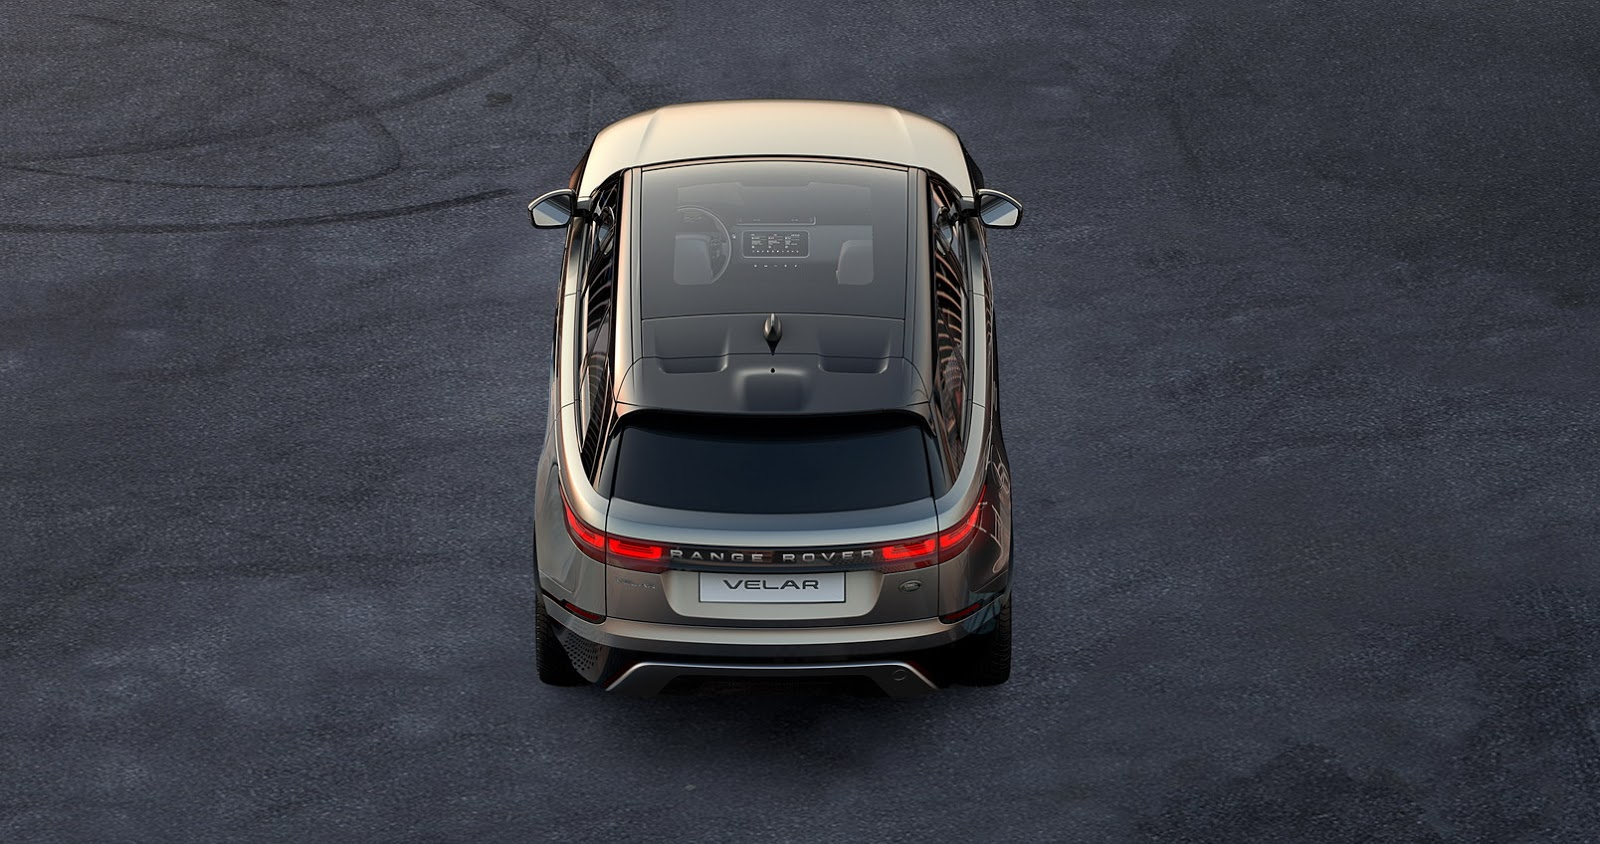 Представлен кроссовер Range Rover Velar: алюминий, аэродинамика и«лазерные» фары